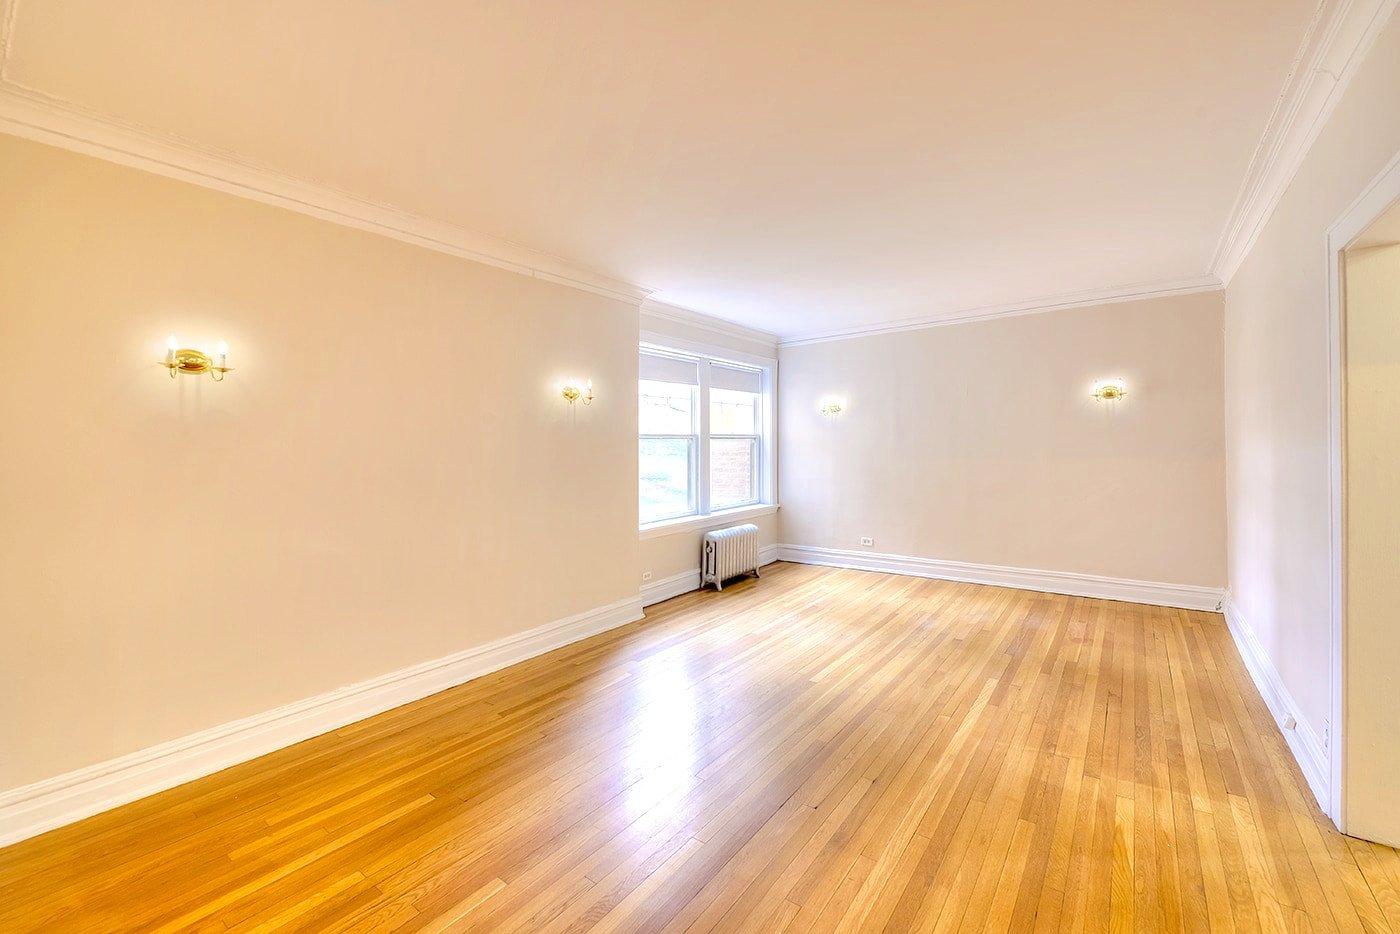 605-17 Hinman Apartments